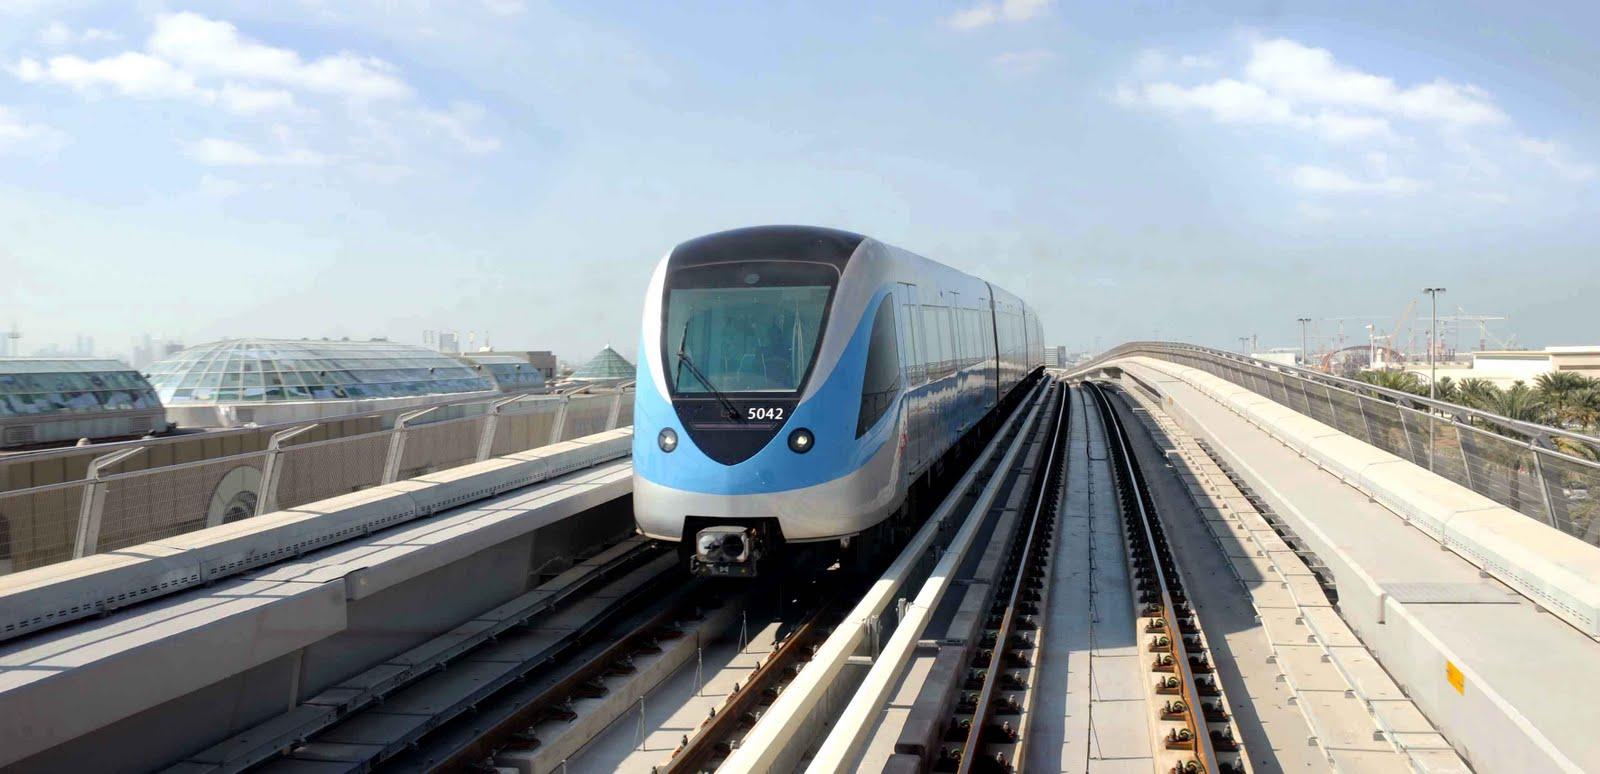 مترو دبى - dubai metro (7)